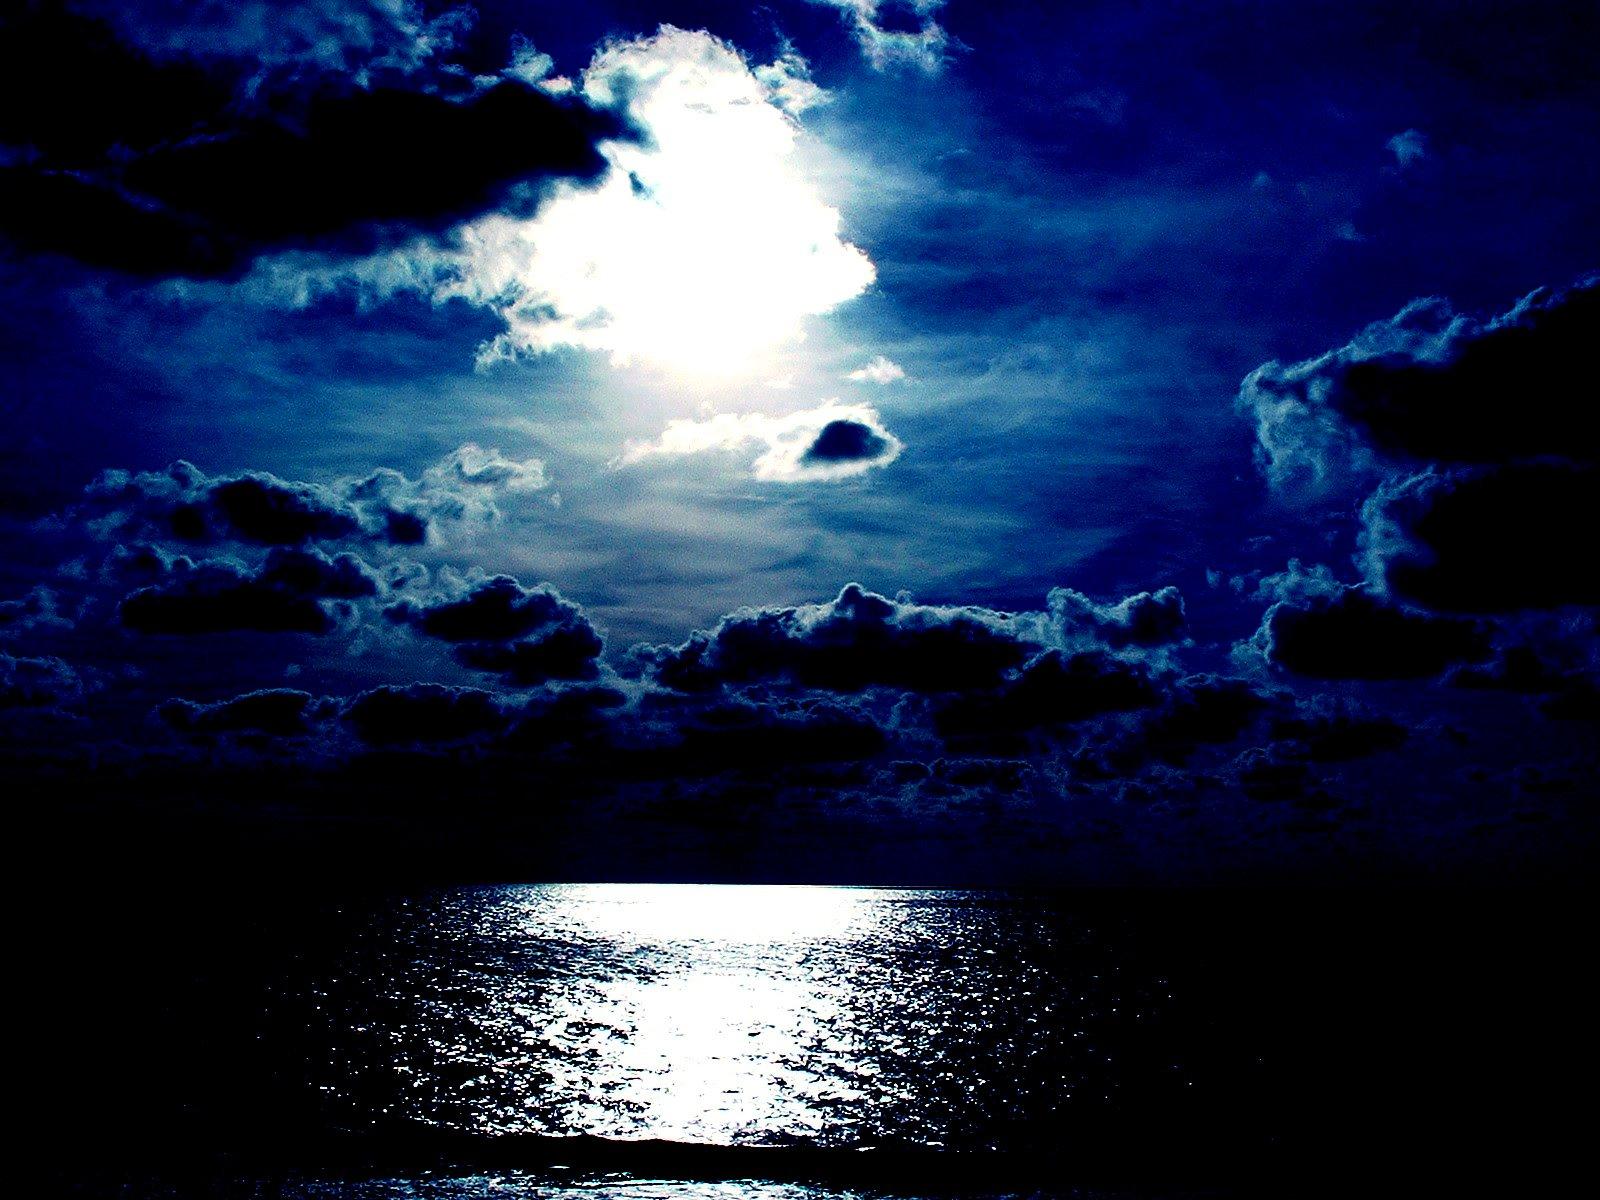 Résultats de recherche d'images pour «image de nuit»